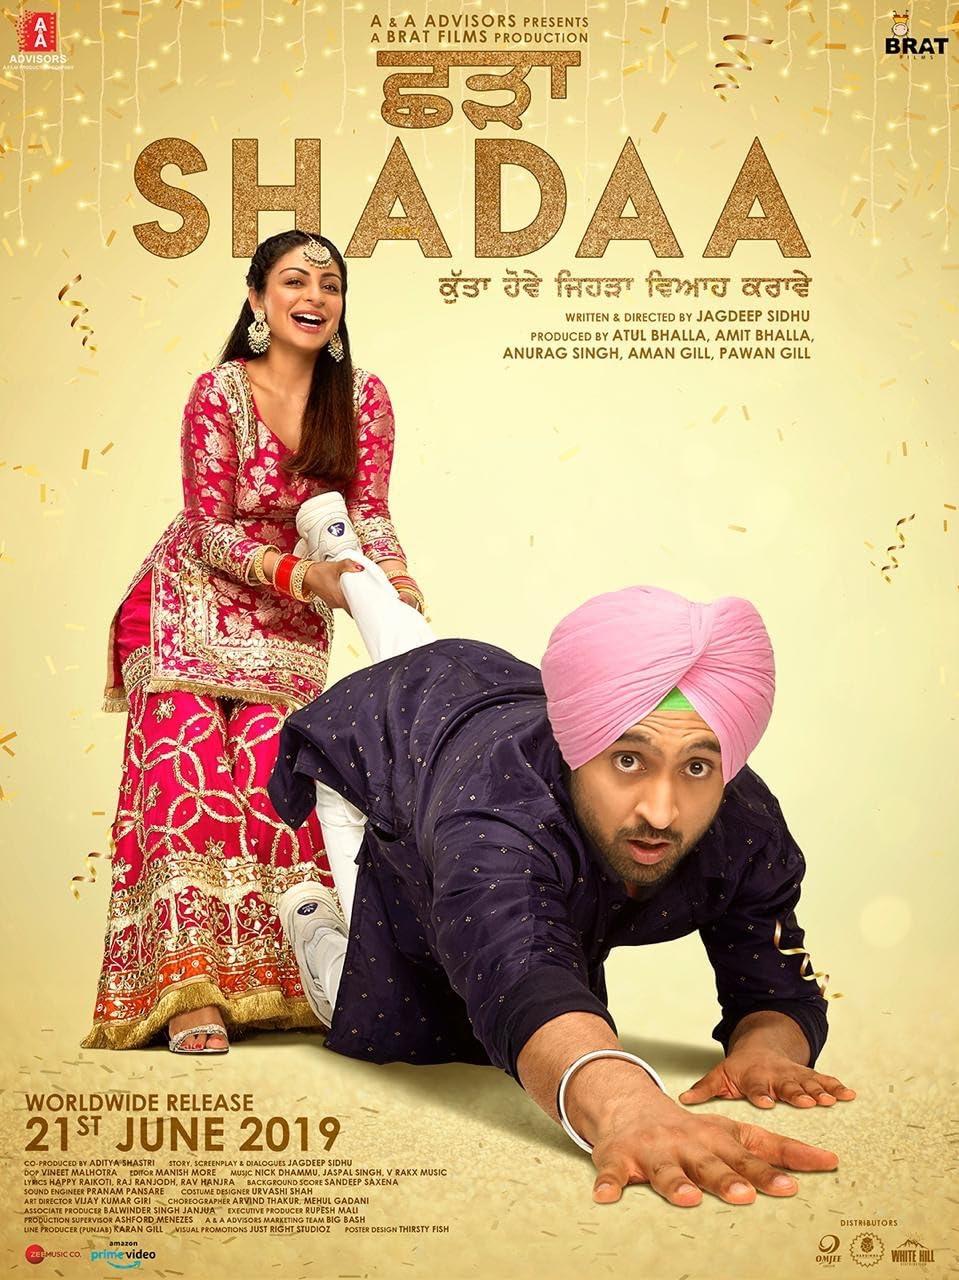 Shadaa (2021) Hindi Dubbed ORG 1080p HDRip 1.3GB Download